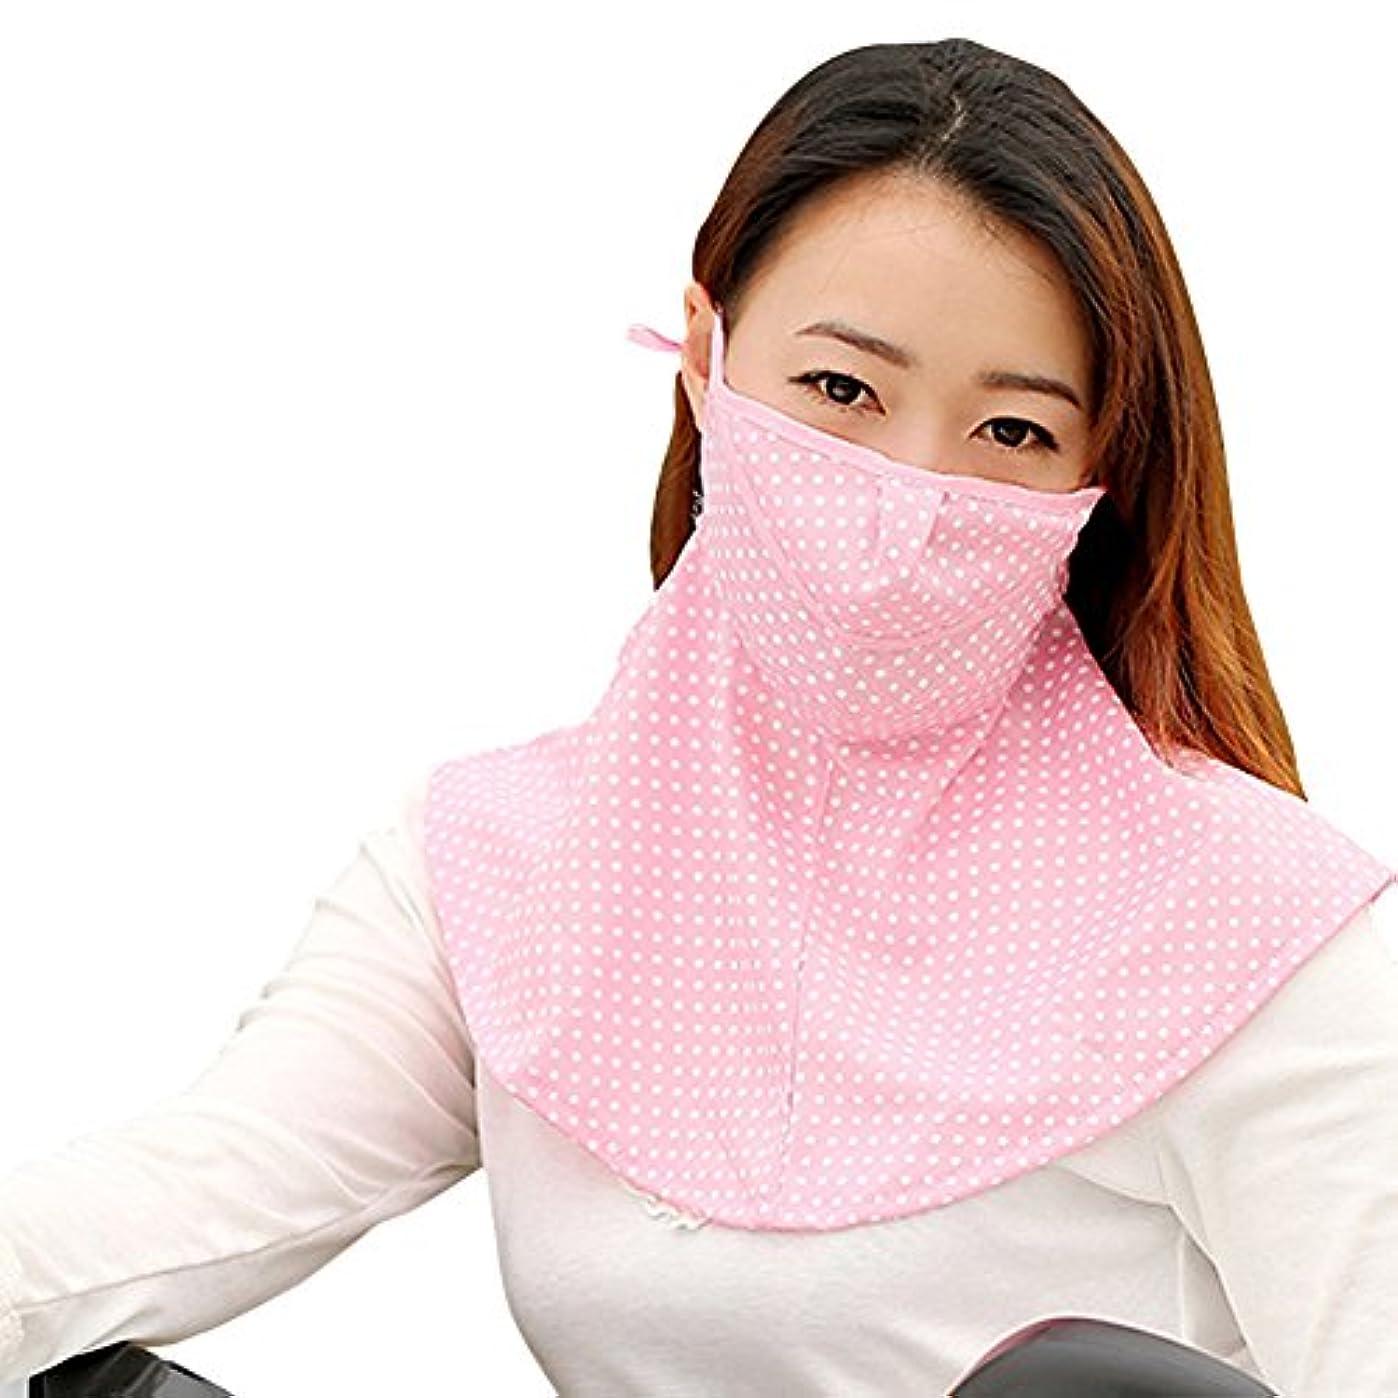 下位おとこ支払うPureNicot 日焼け防止 フェイスマスク UVカット 紫外線対策 農作業 ガーデニング レディース 首もともガード 3D UVマスク (ピンク ドット)